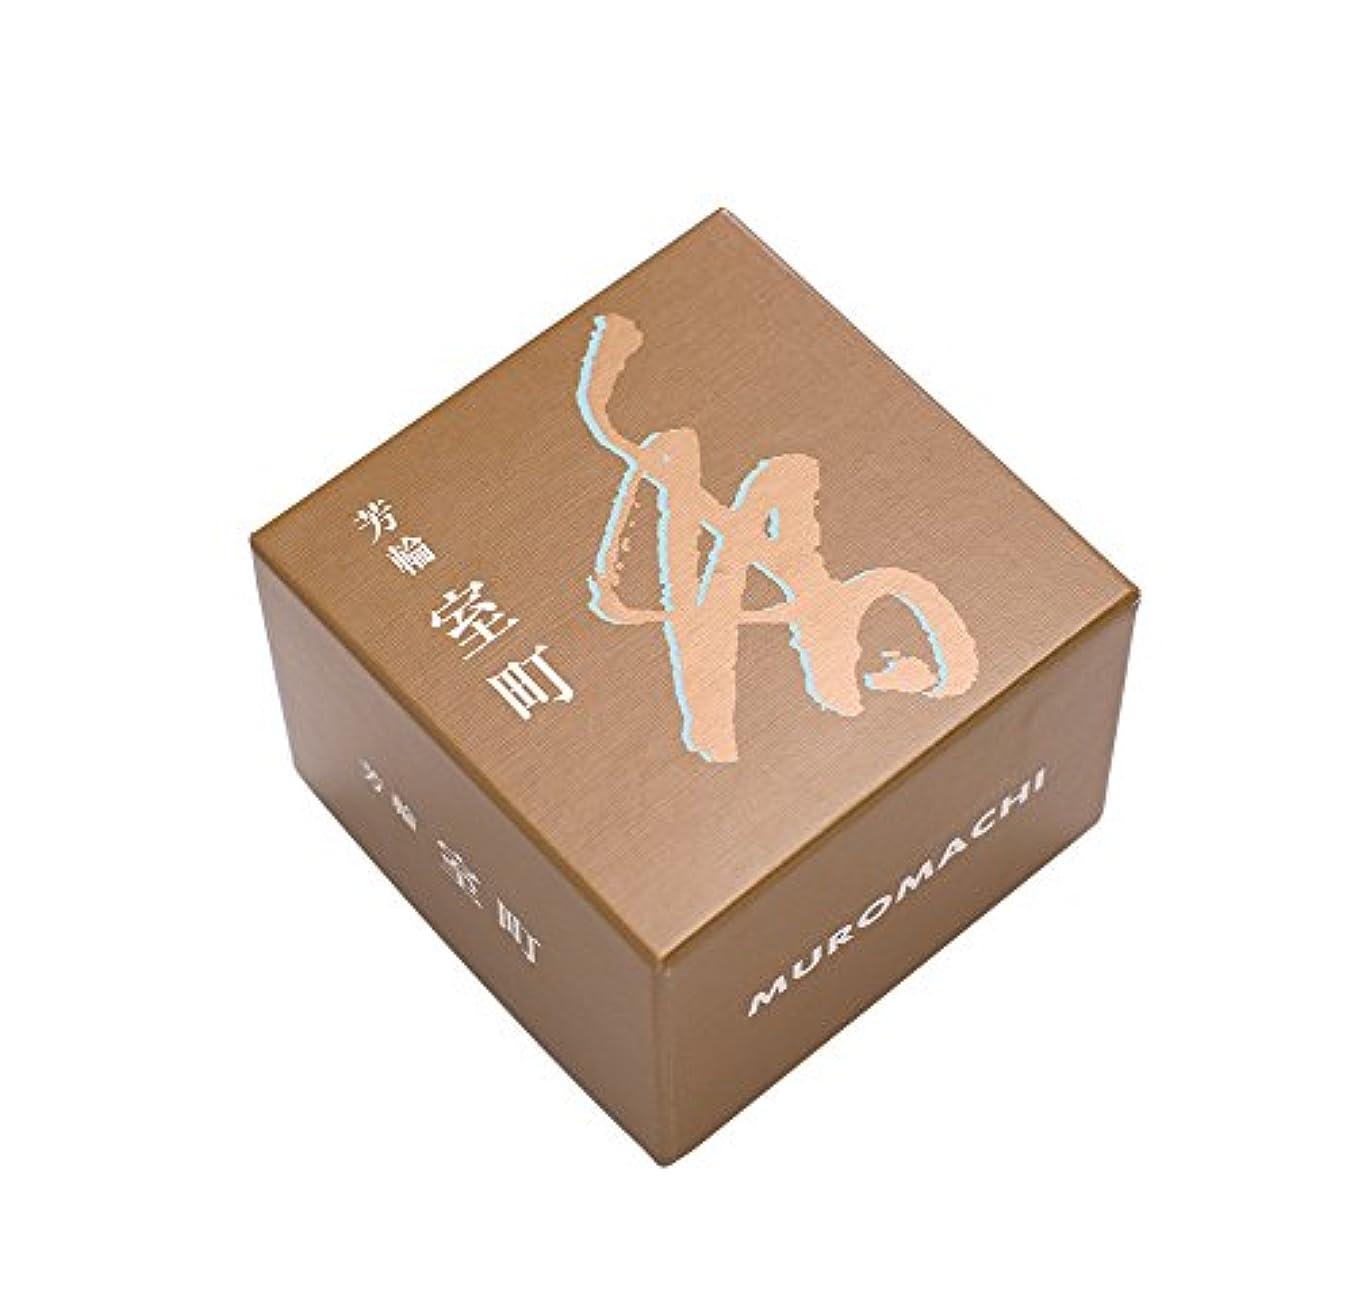 パンツシリング描く松栄堂のお香 芳輪室町 渦巻型10枚入 うてな角型付 #210421